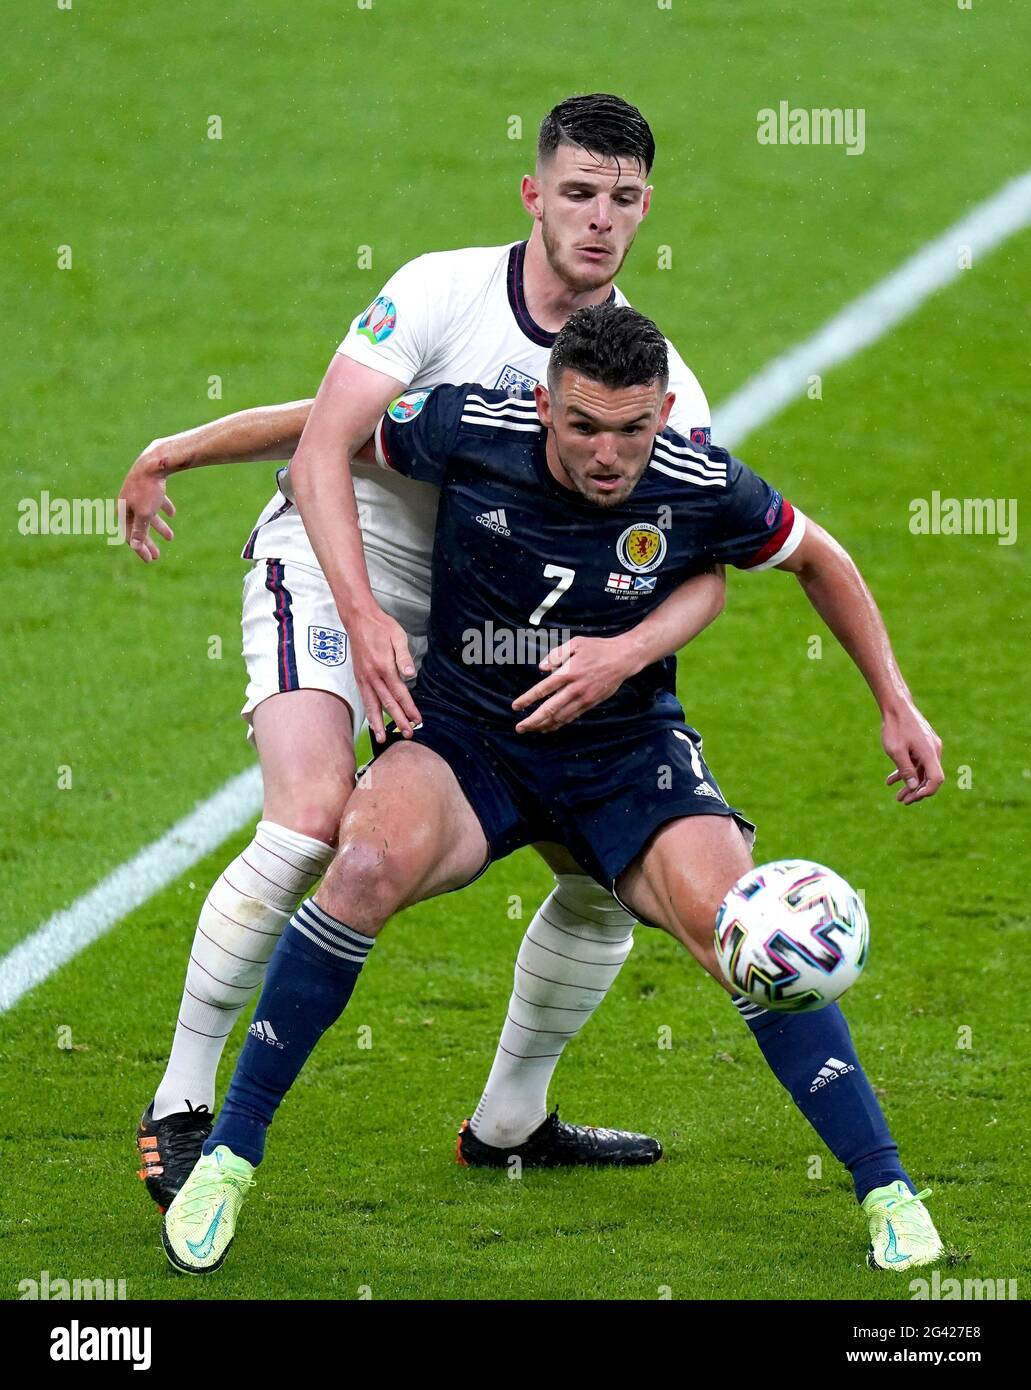 Während des UEFA Euro 2020 Gruppe D-Spiels im Wembley Stadium, London, kämpfen die Engländer Declan Rcy (links) und der schottische John McGinn um den Ball. Bilddatum: Freitag, 18. Juni 2021. Stockfoto